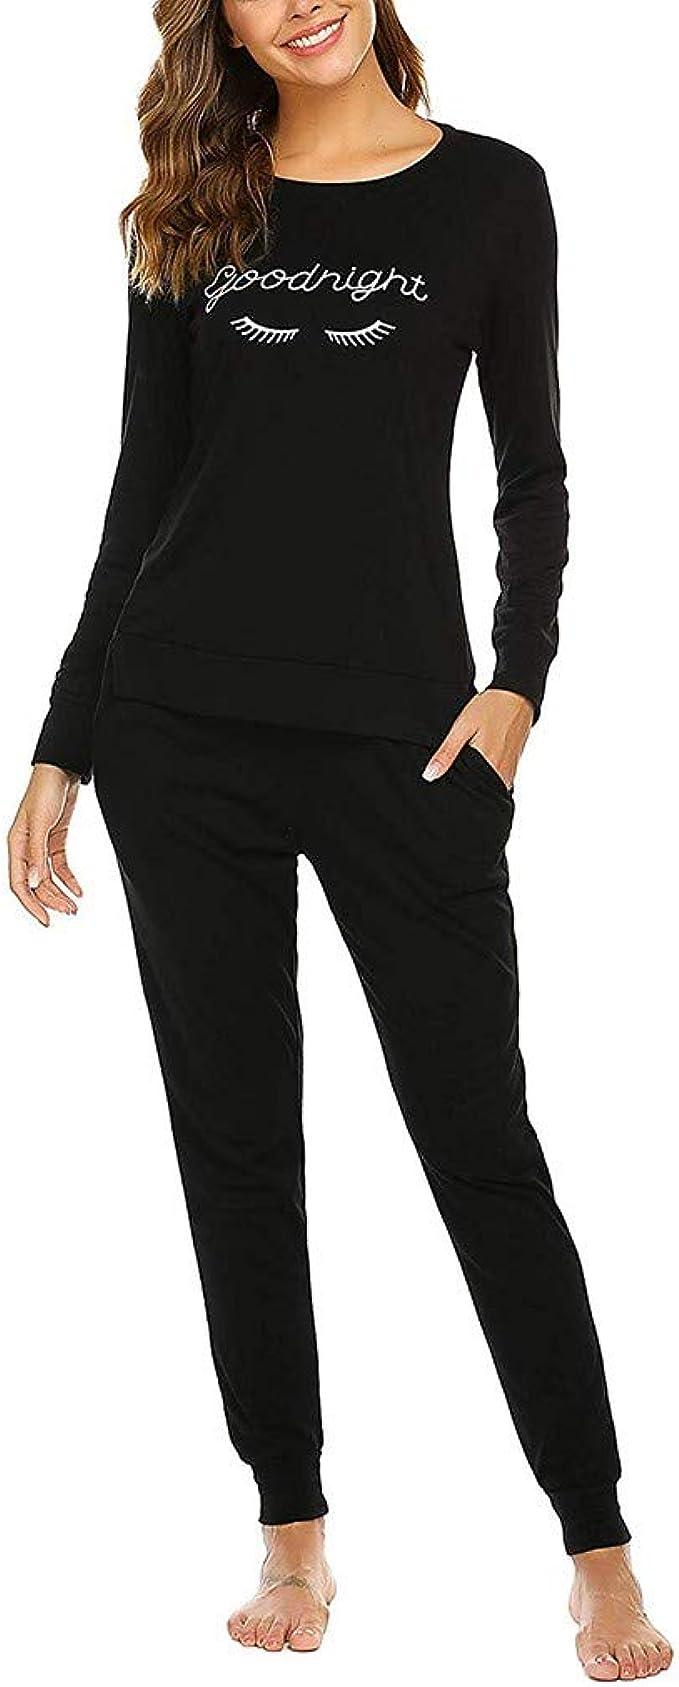 Pijama Invierno Mujer Algodon Camiseta de Mangas Larga + Pantalon ...